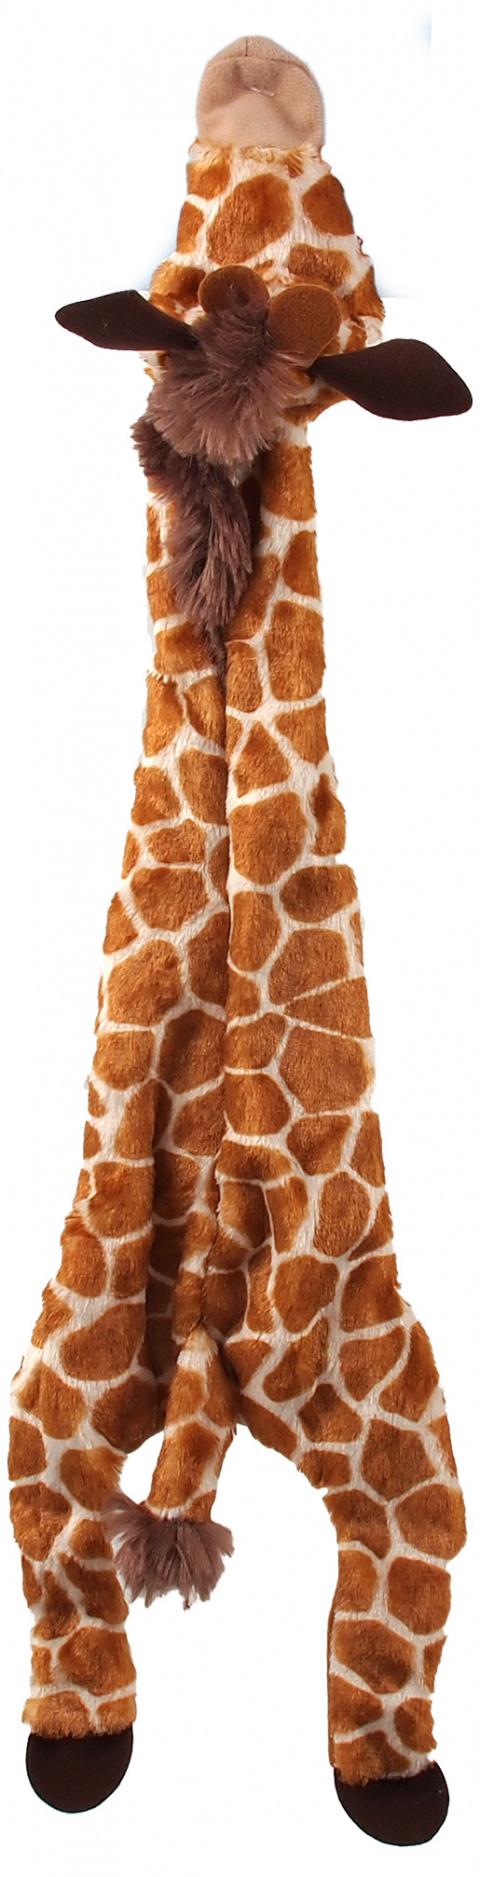 Rotaļlieta suņiem - Dog Fantasy Good's Skinneeez giraffe, 50 cm